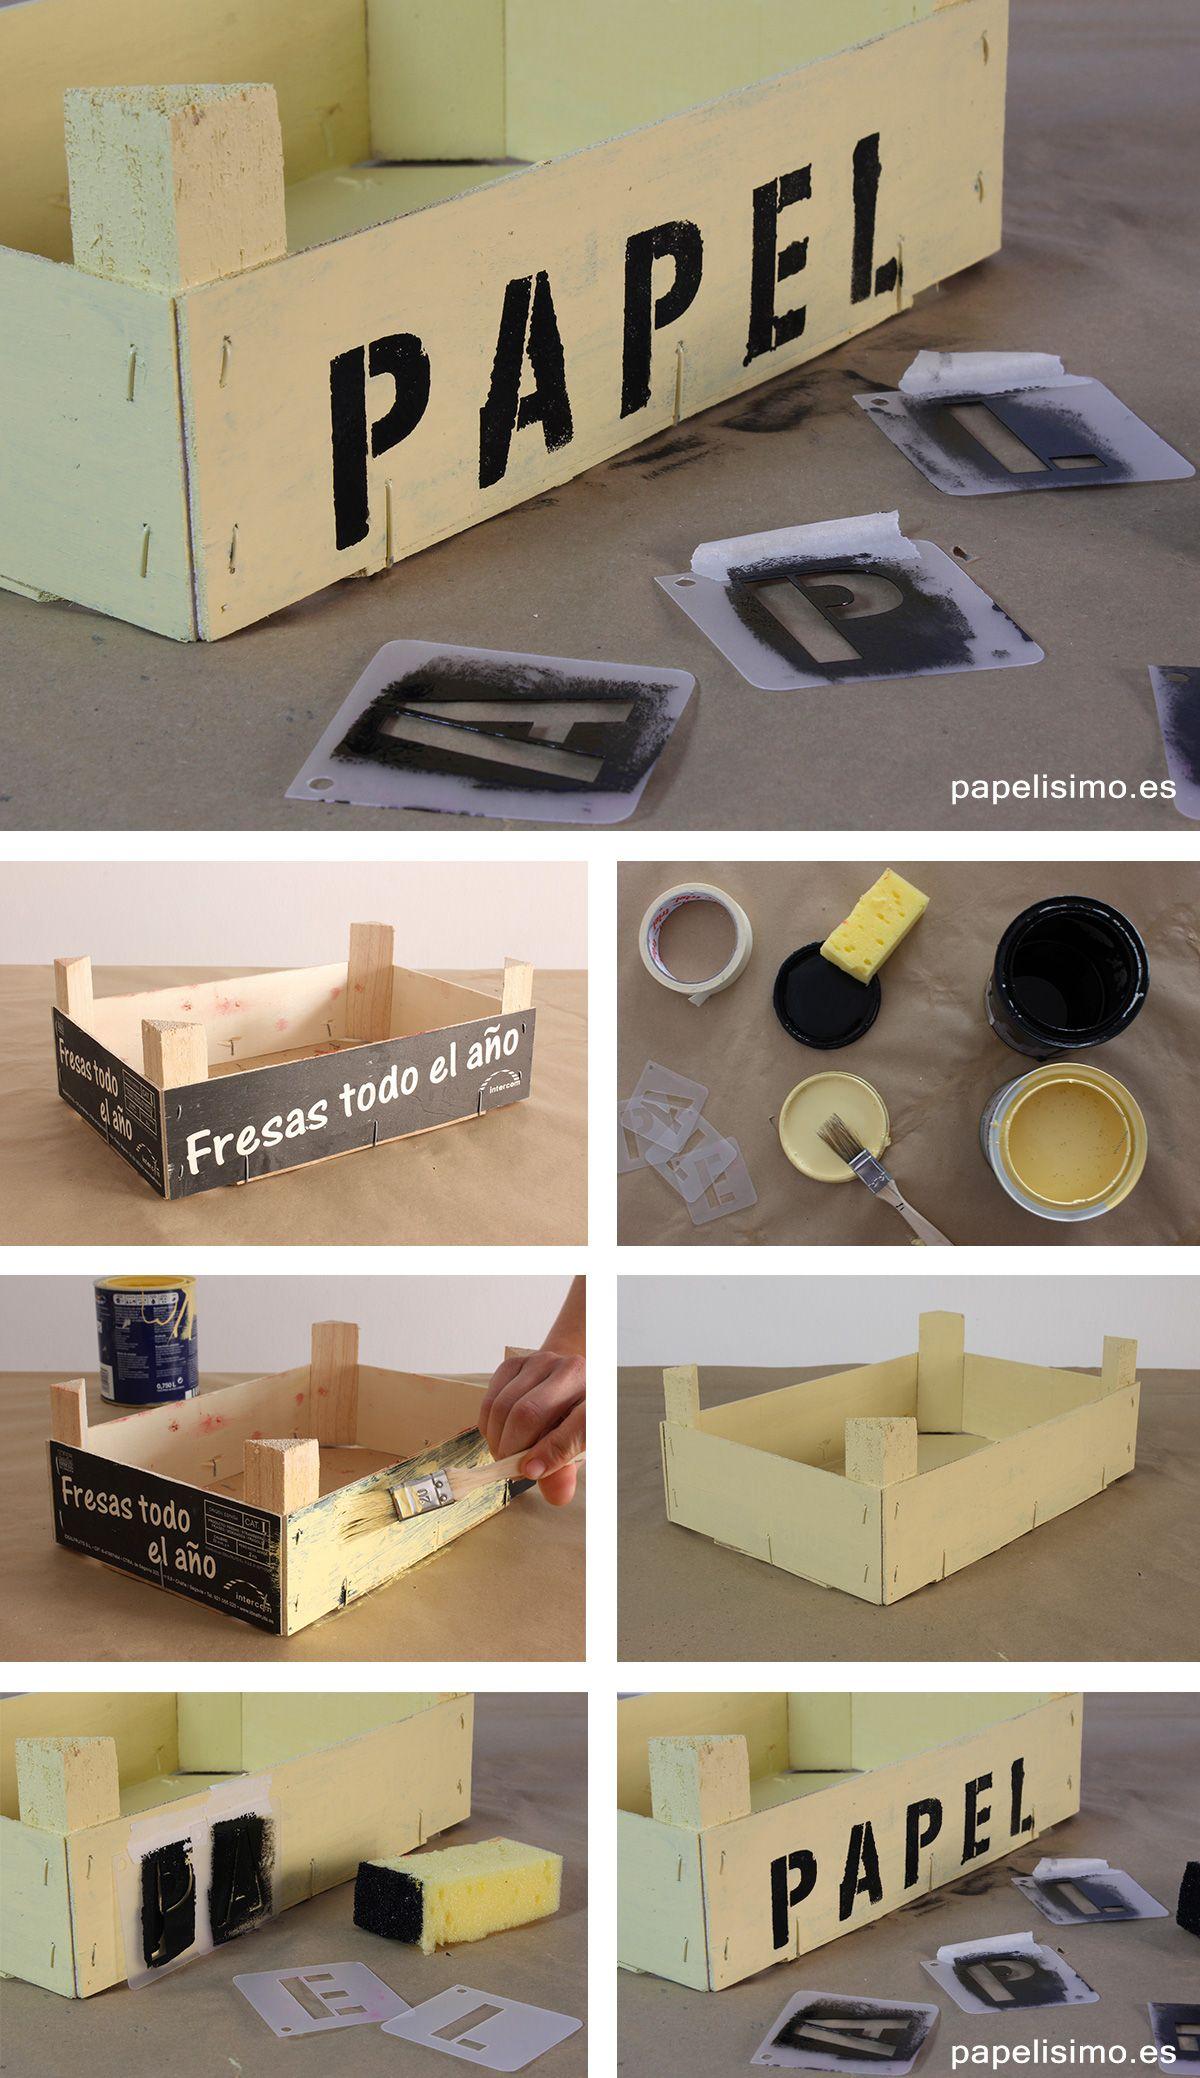 Como decorar cajas de fresas papelisimo pinterest - Cajas de fresas decoradas paso a paso ...